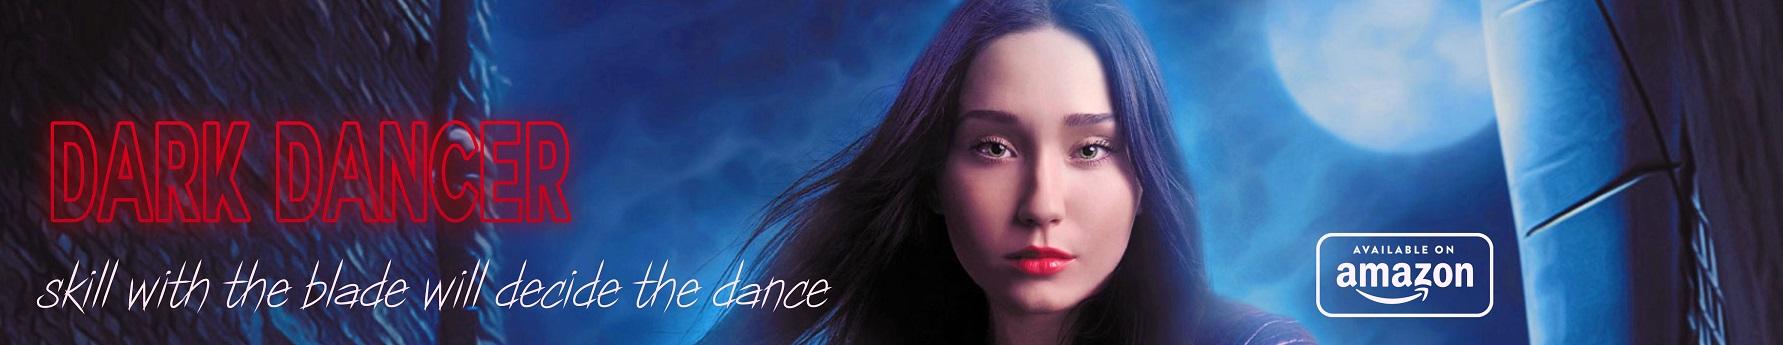 Dark Dancer by BR Kingsolver